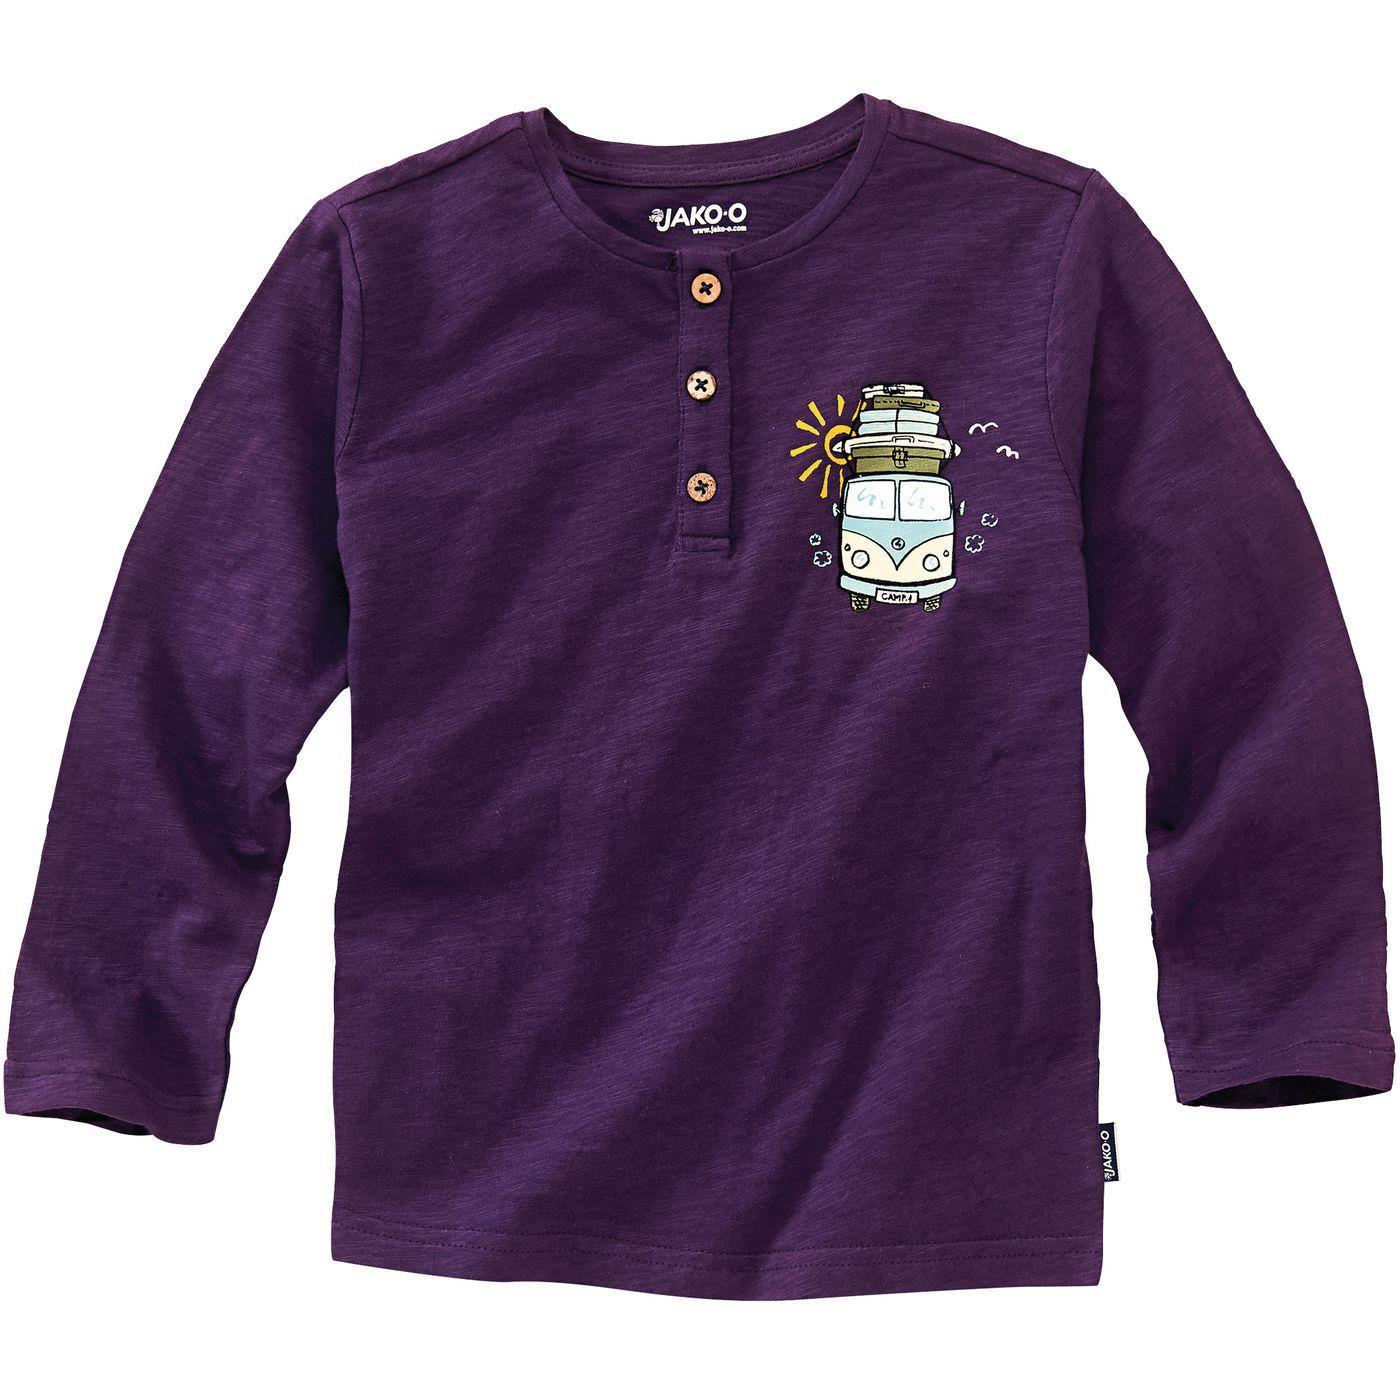 Детская Рубашка С Длинным Рукавом В Юбке